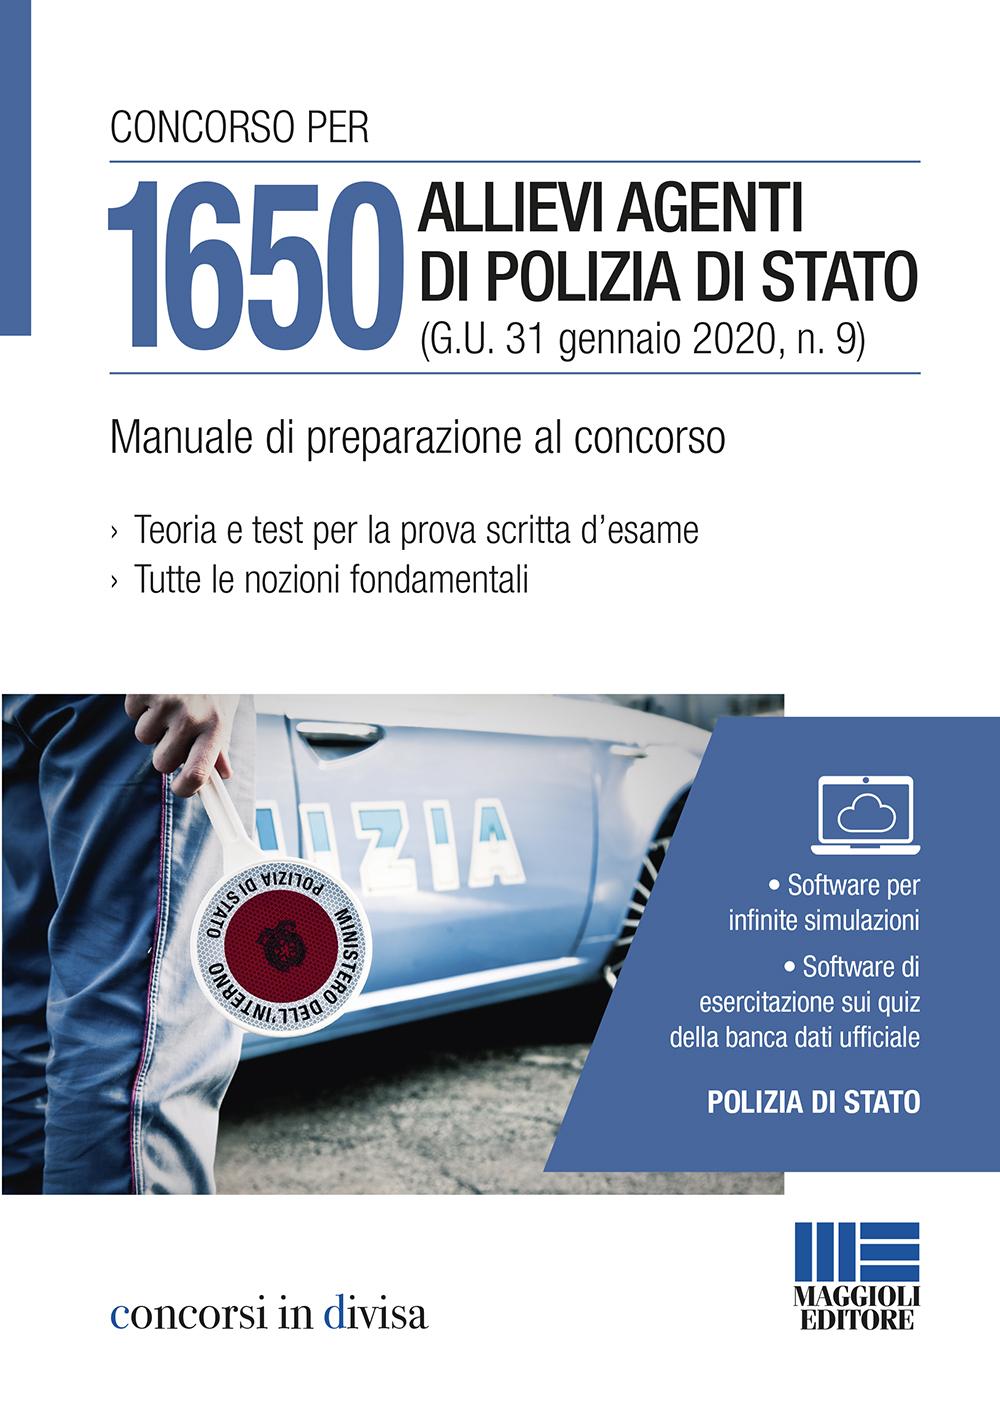 Concorso 1650 Allievi Agenti Polizia di Stato -Manuale